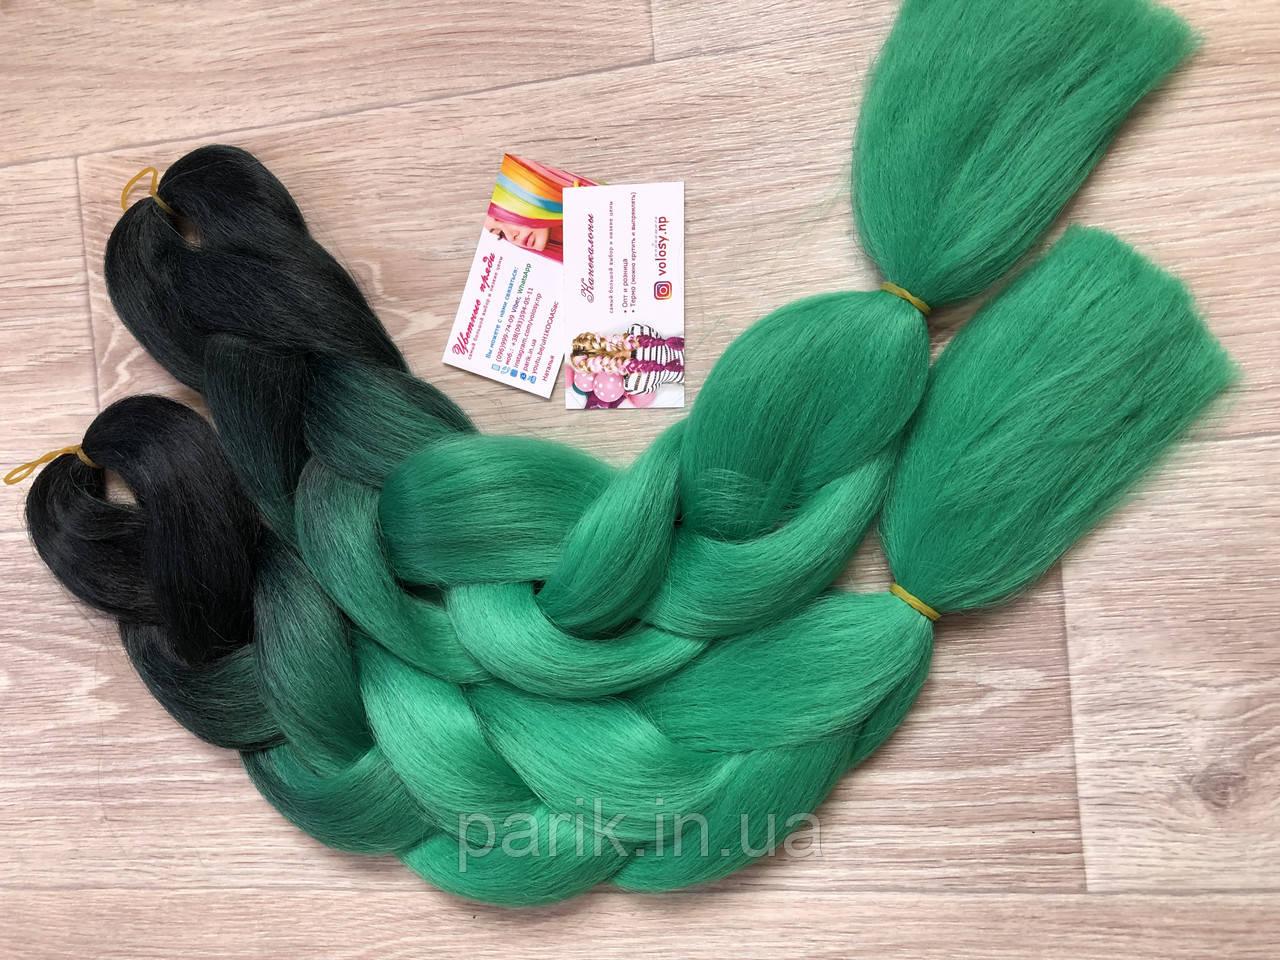 🖤💚Канекалон омбре чёрный-зелёный, пряди для впелетения в волосы, разнообразные волосы 🖤💚